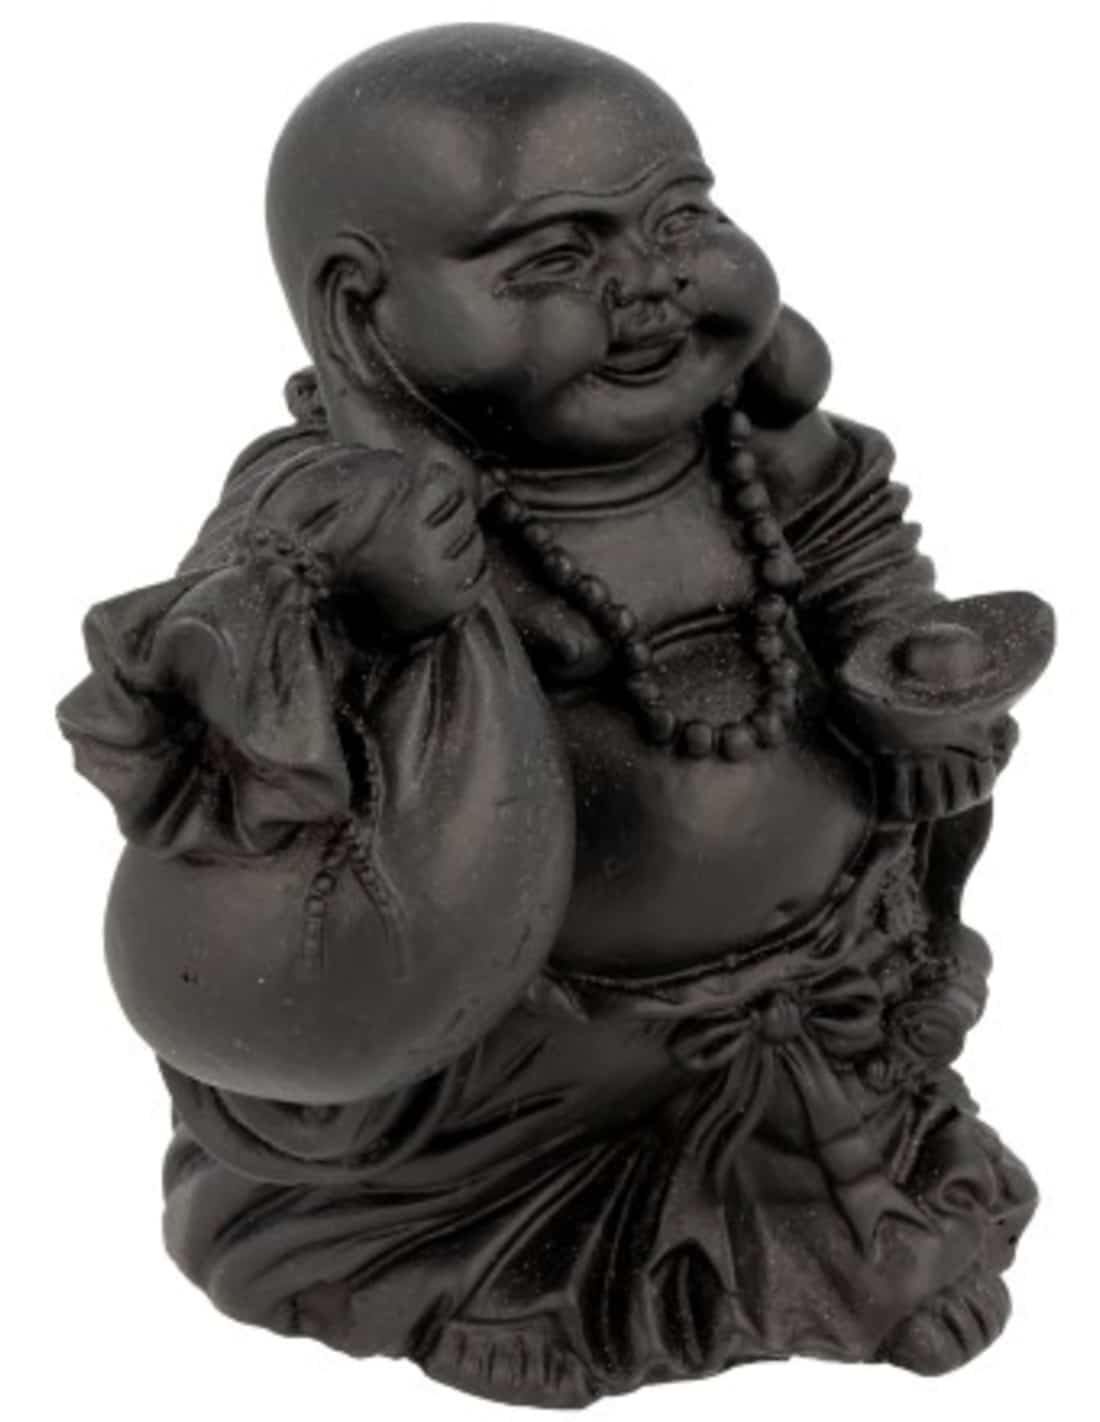 Spiru Zwarte Boeddha met Zak en Schaal (9 cm)